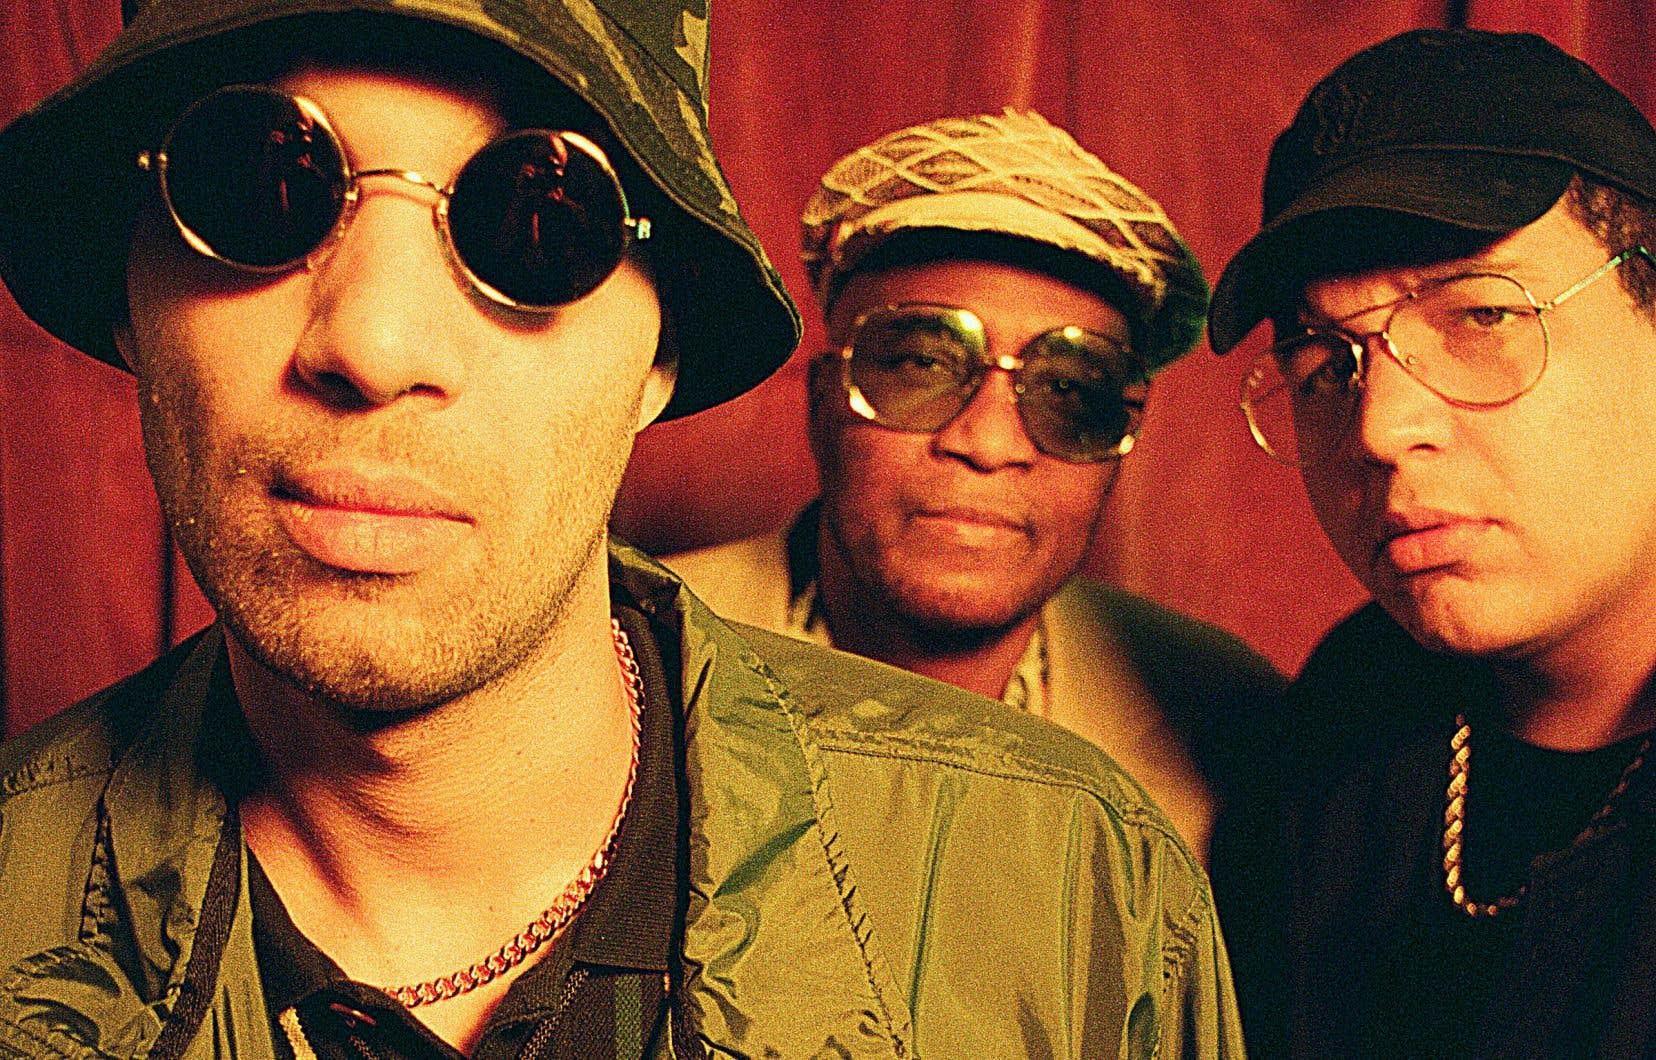 Touffu et éclectique, le nouvel album de Brown Family est d'abord marqué par la pop et le rap.